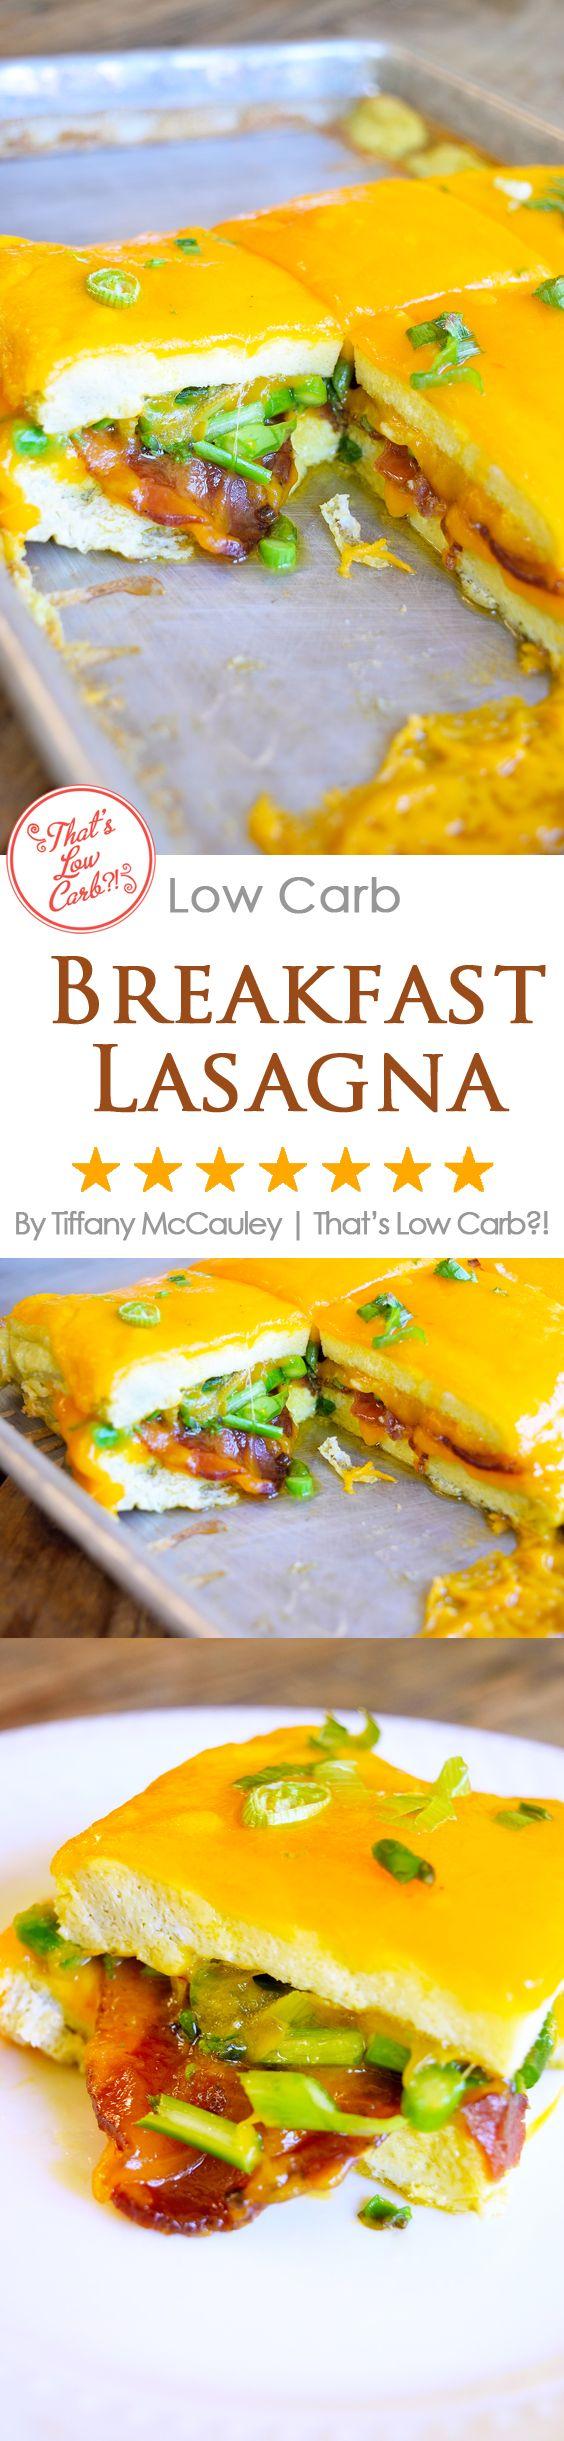 Low Carb Recipes | Breakfast Lasagna Recipe | Egg Recipes | Breakfast Recipes | Low Carb ~ https://www.thatslowcarb.com